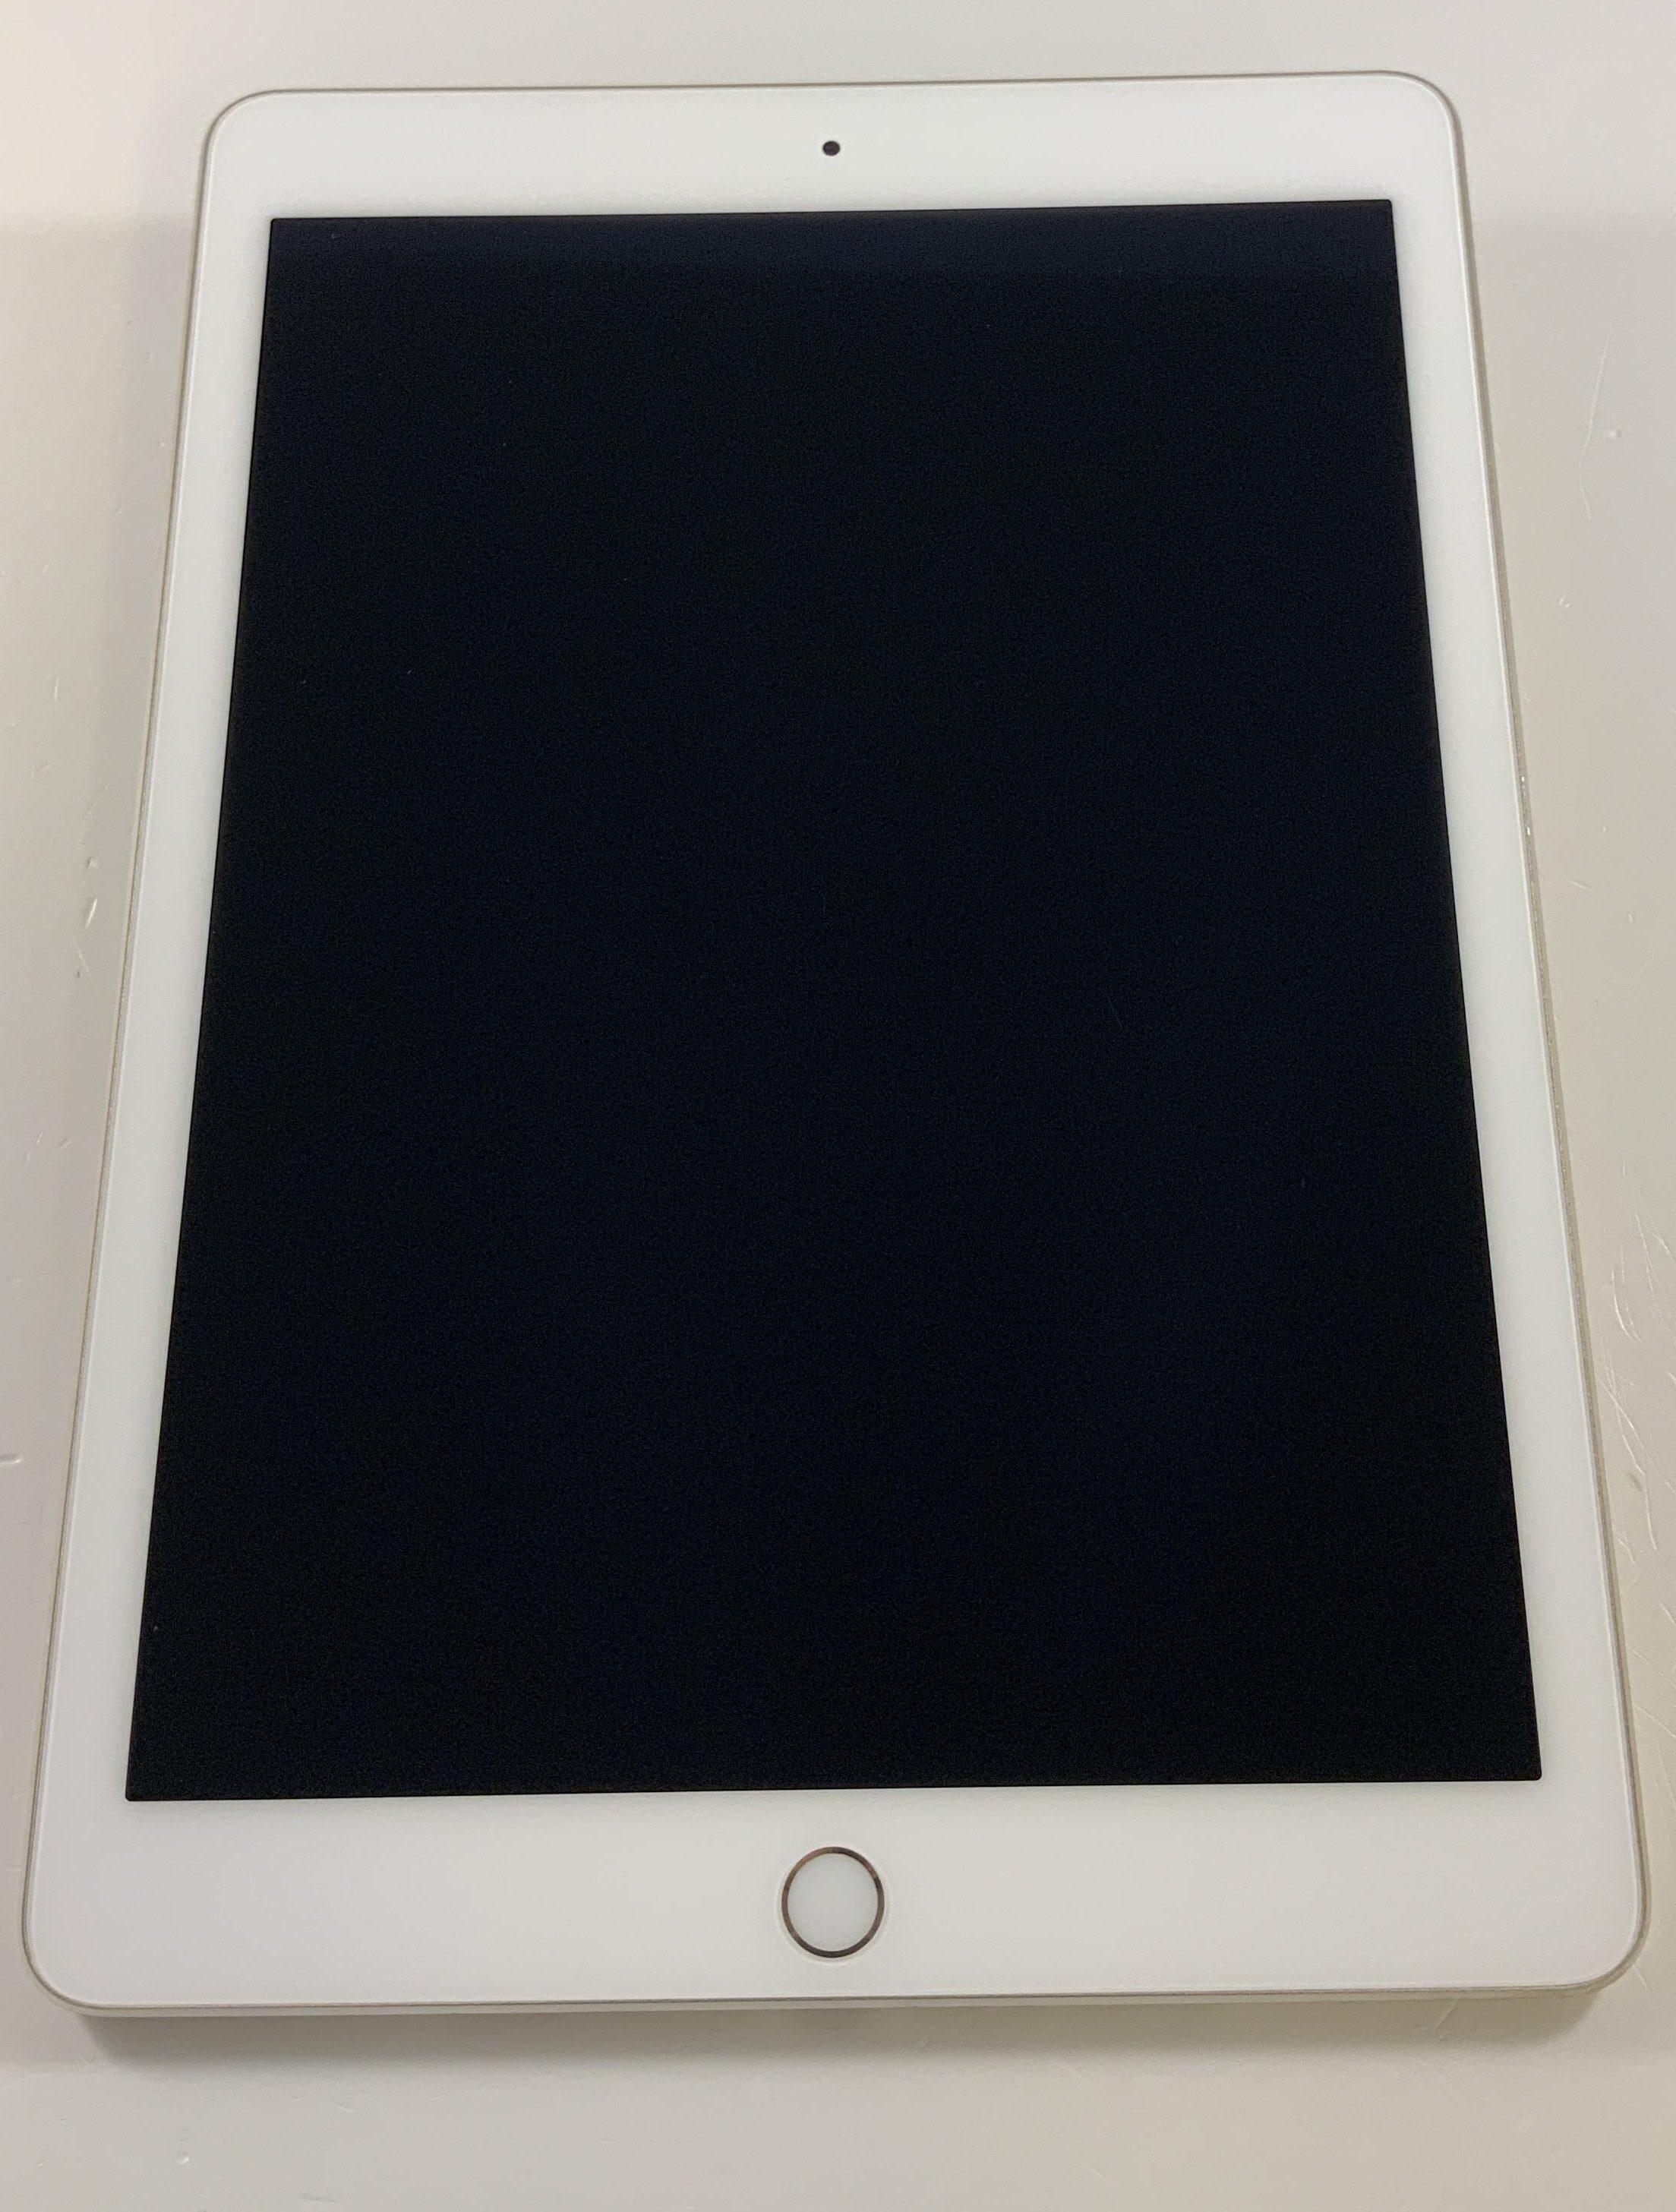 iPad Air 2 Wi-Fi 64GB, 64GB, Gold, image 1